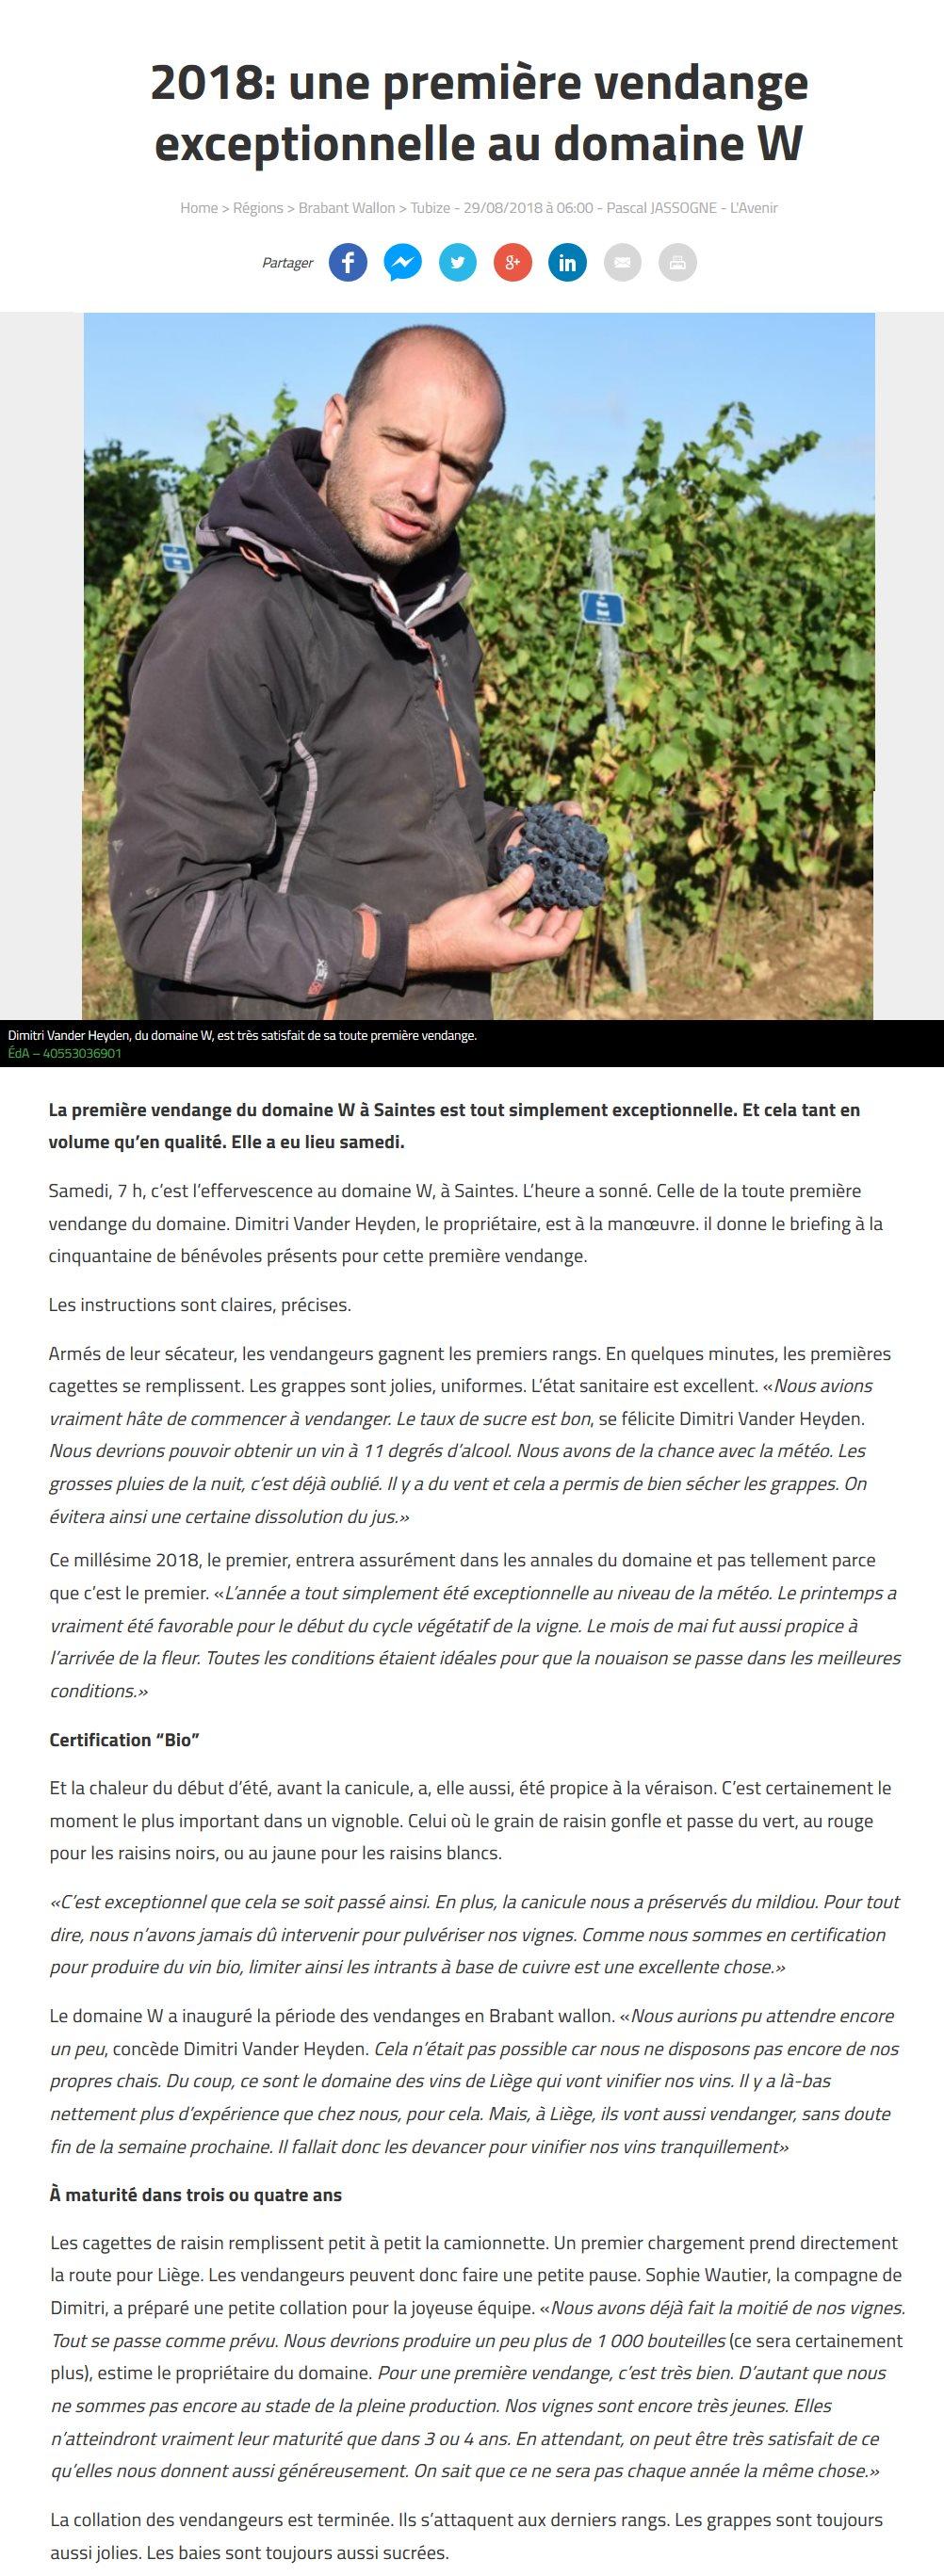 domaine-w-vers-l-avenir-aout-2018